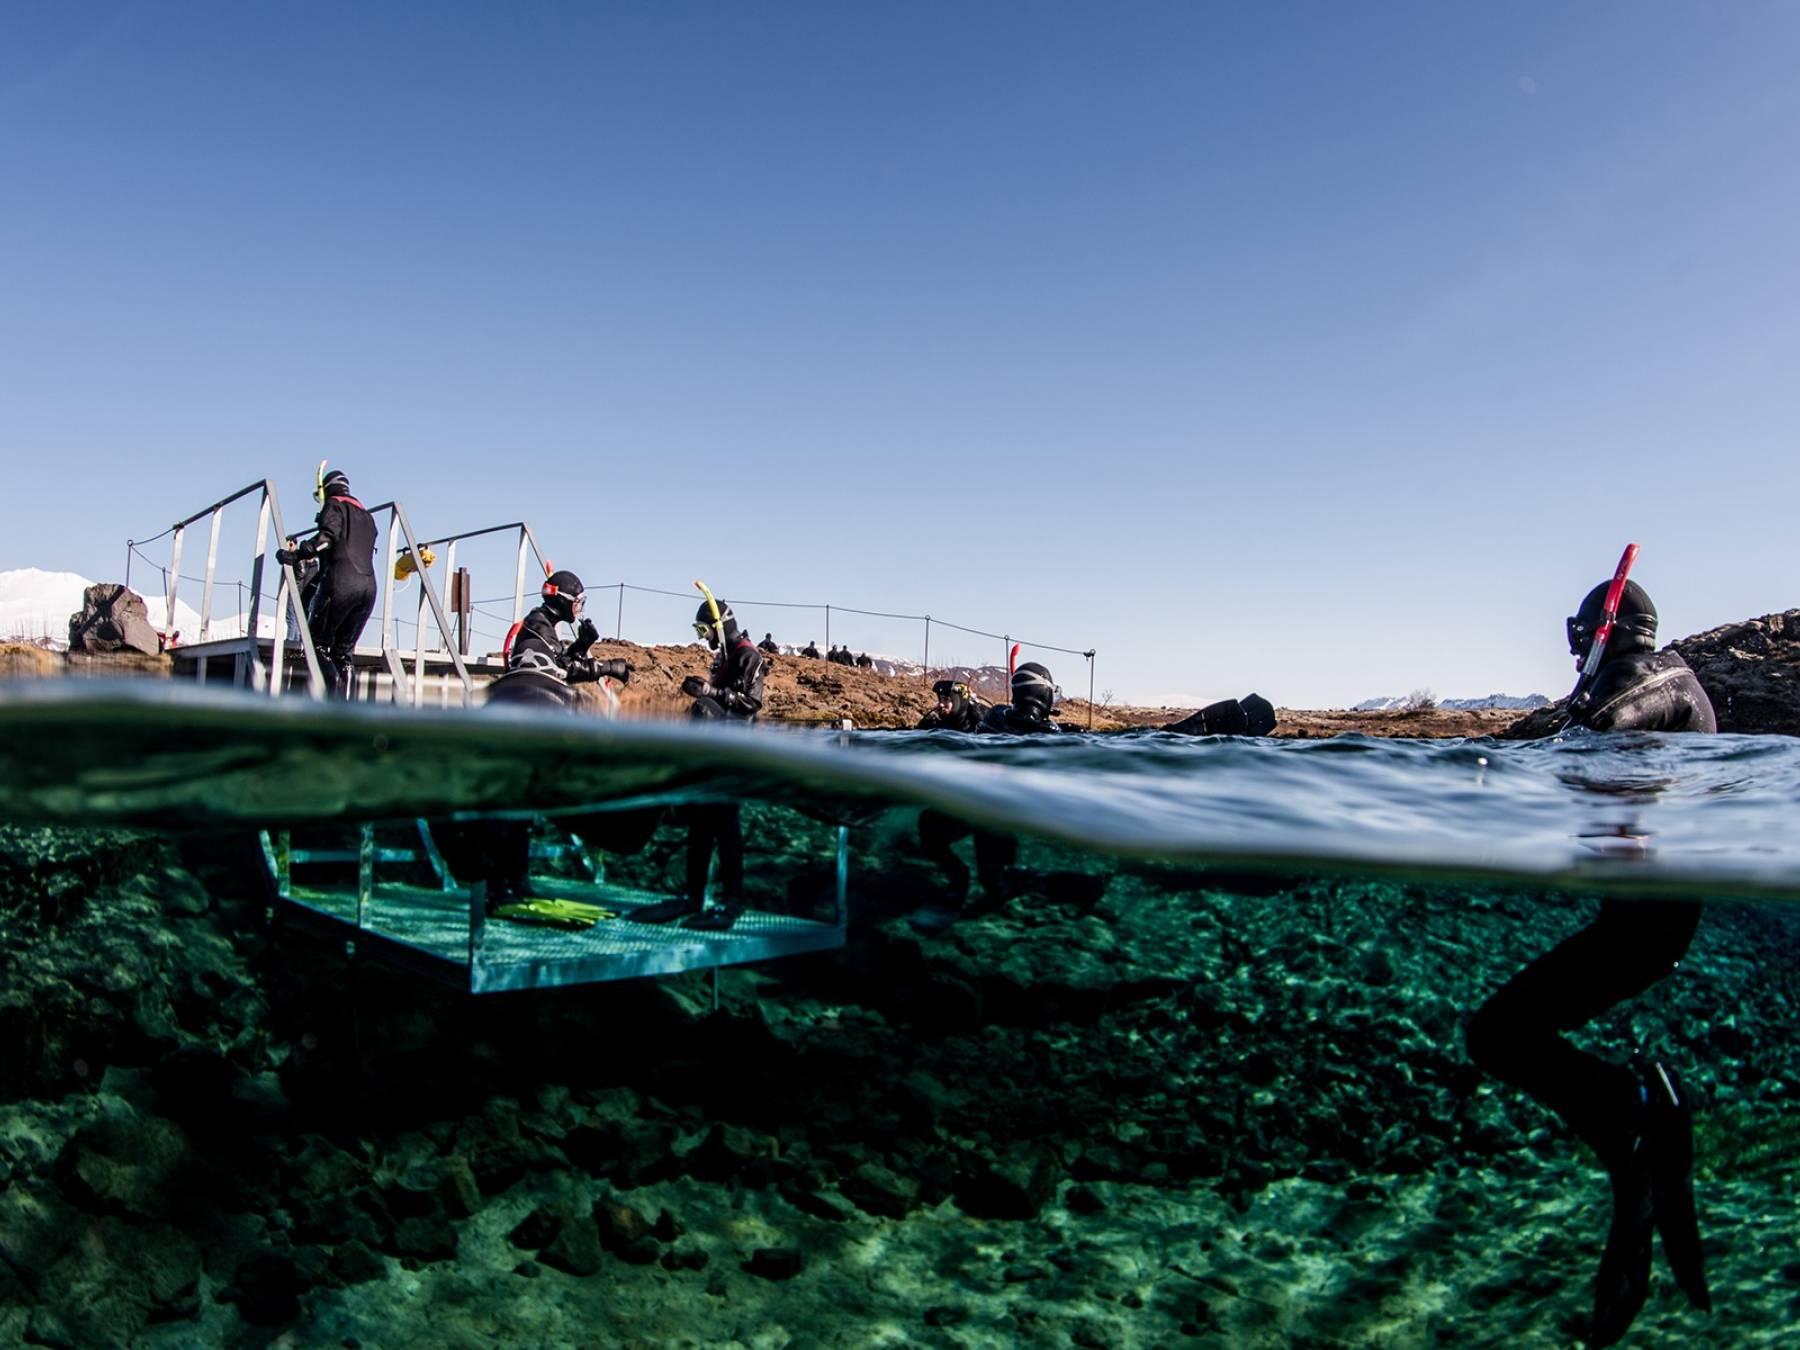 split-view-snorkelers-exiting-platform-silfra-lagoon-anders-nyberg-1800x1200.jpg